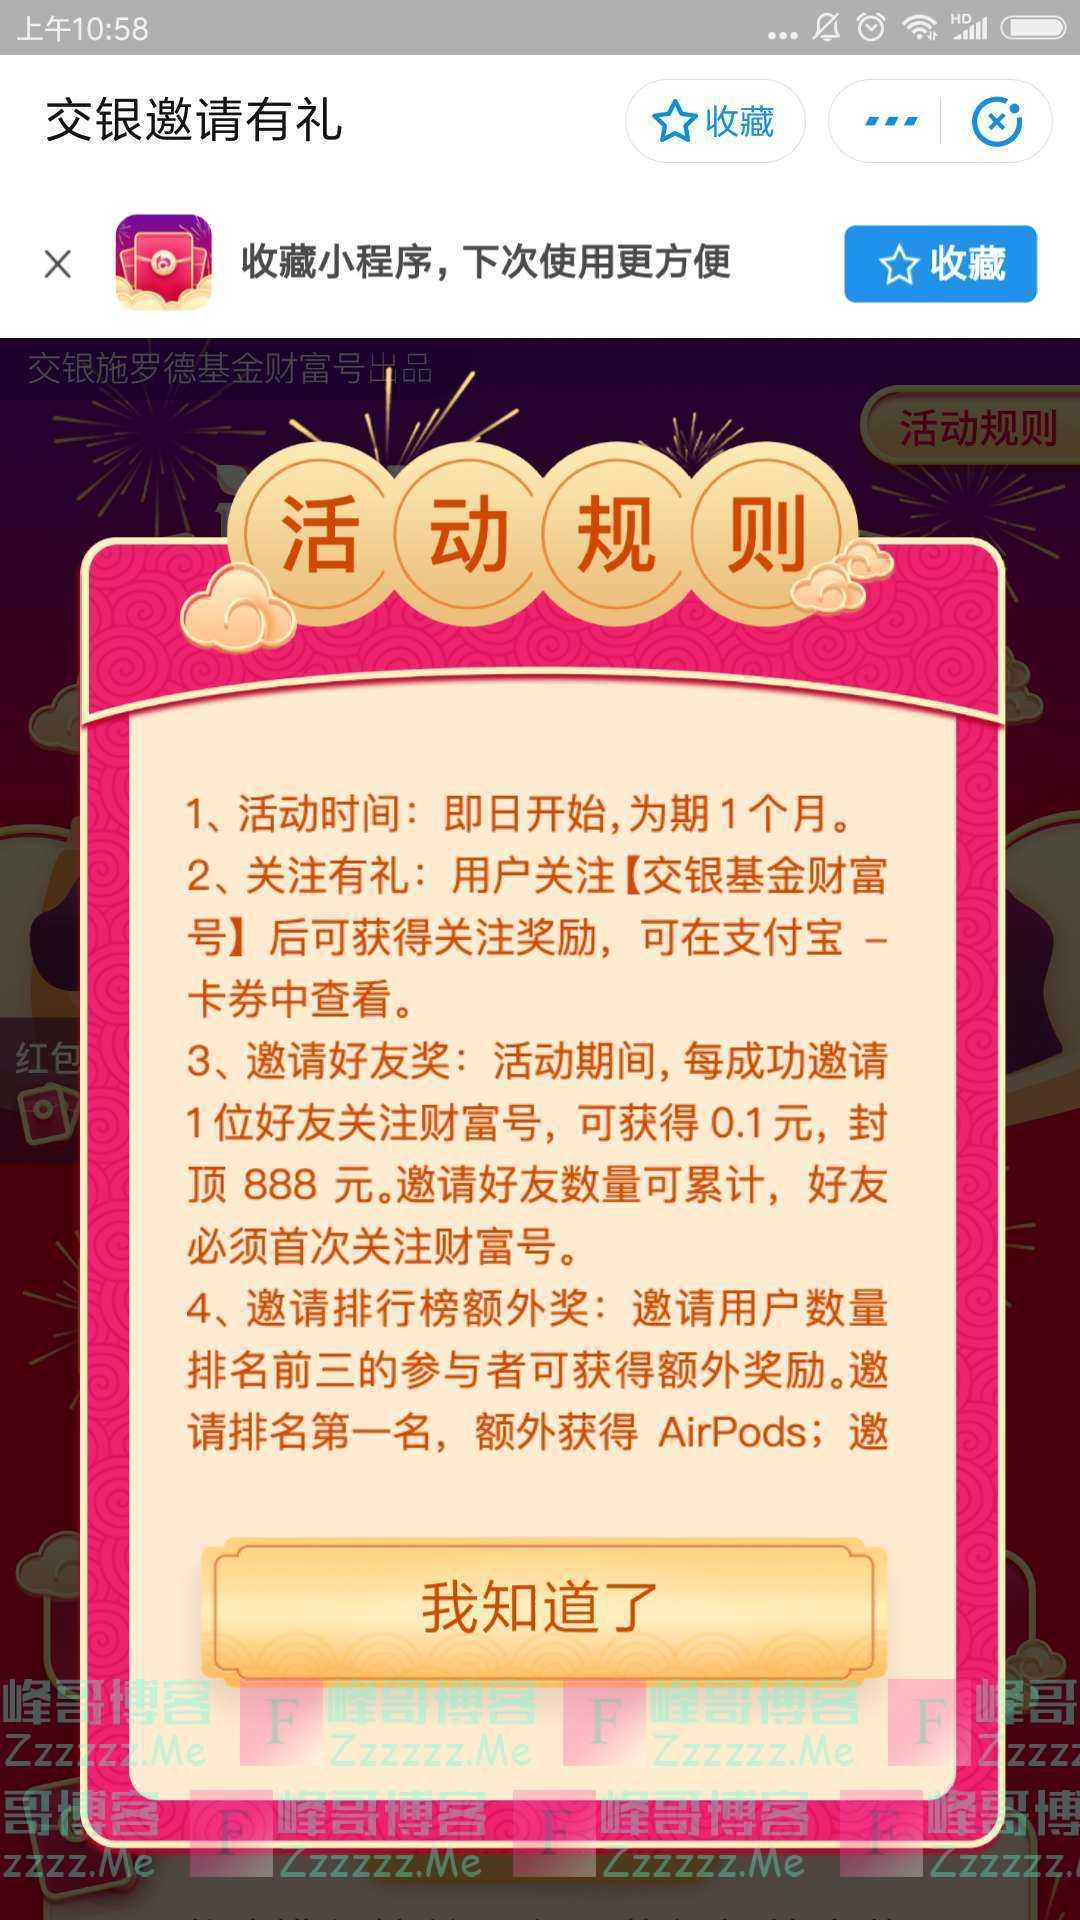 交银基金邀请有礼(截止4月23日)